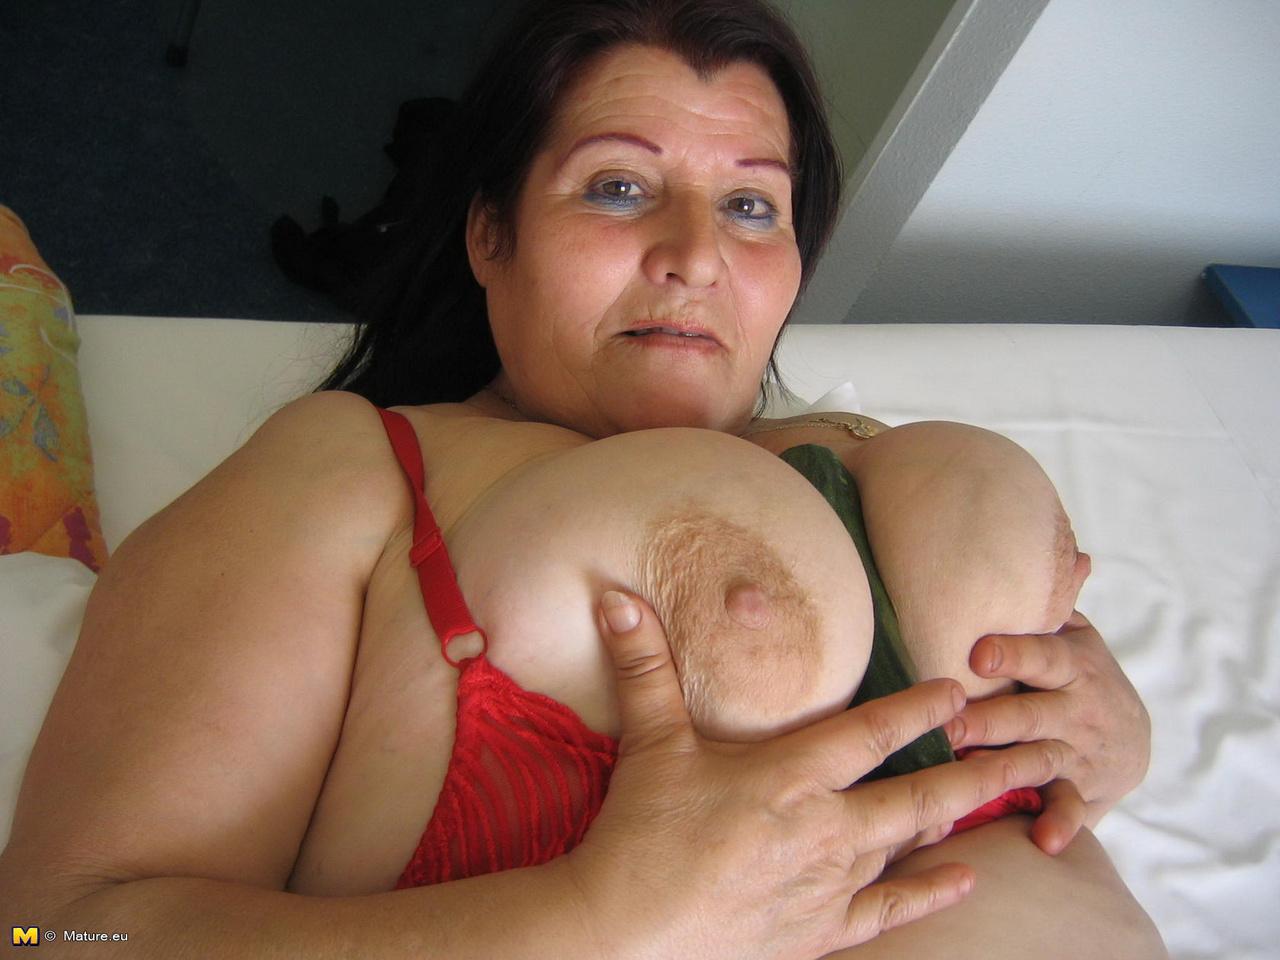 Фото больших грудей жирных баб, Развратные толстухи с огромными дойками и гладкими 11 фотография